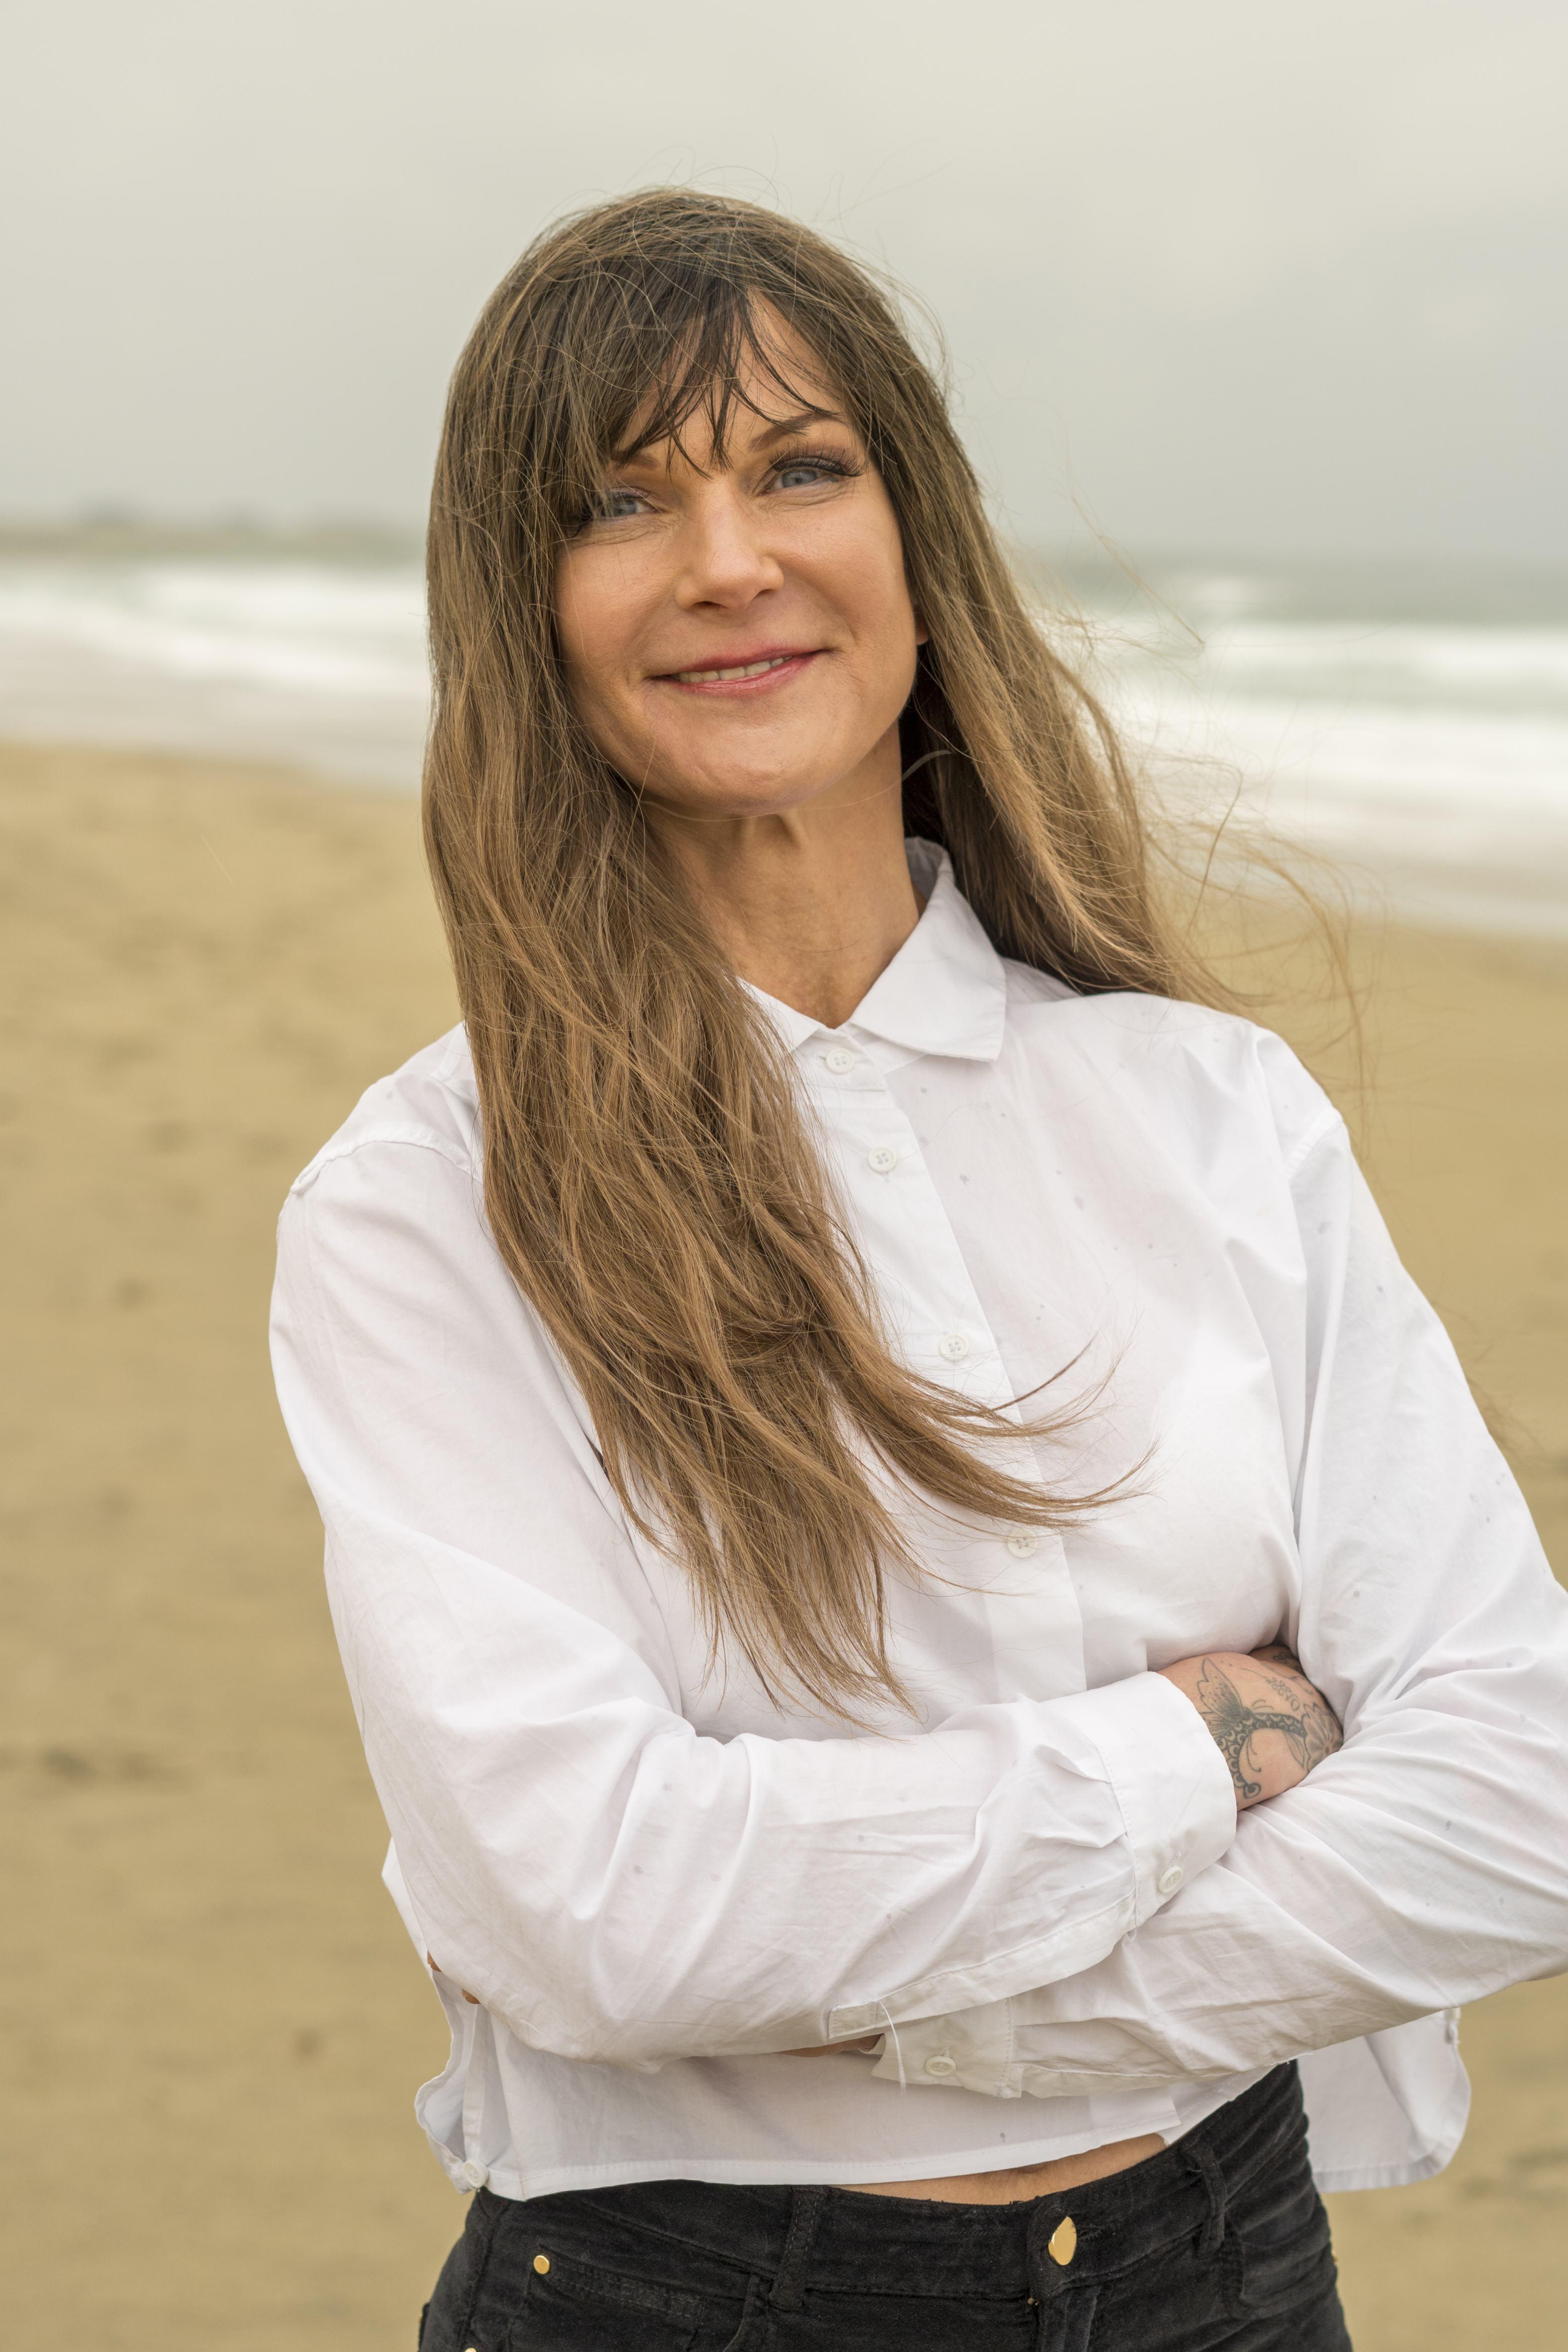 Helen står på stranden med sitt lange hår utslått.